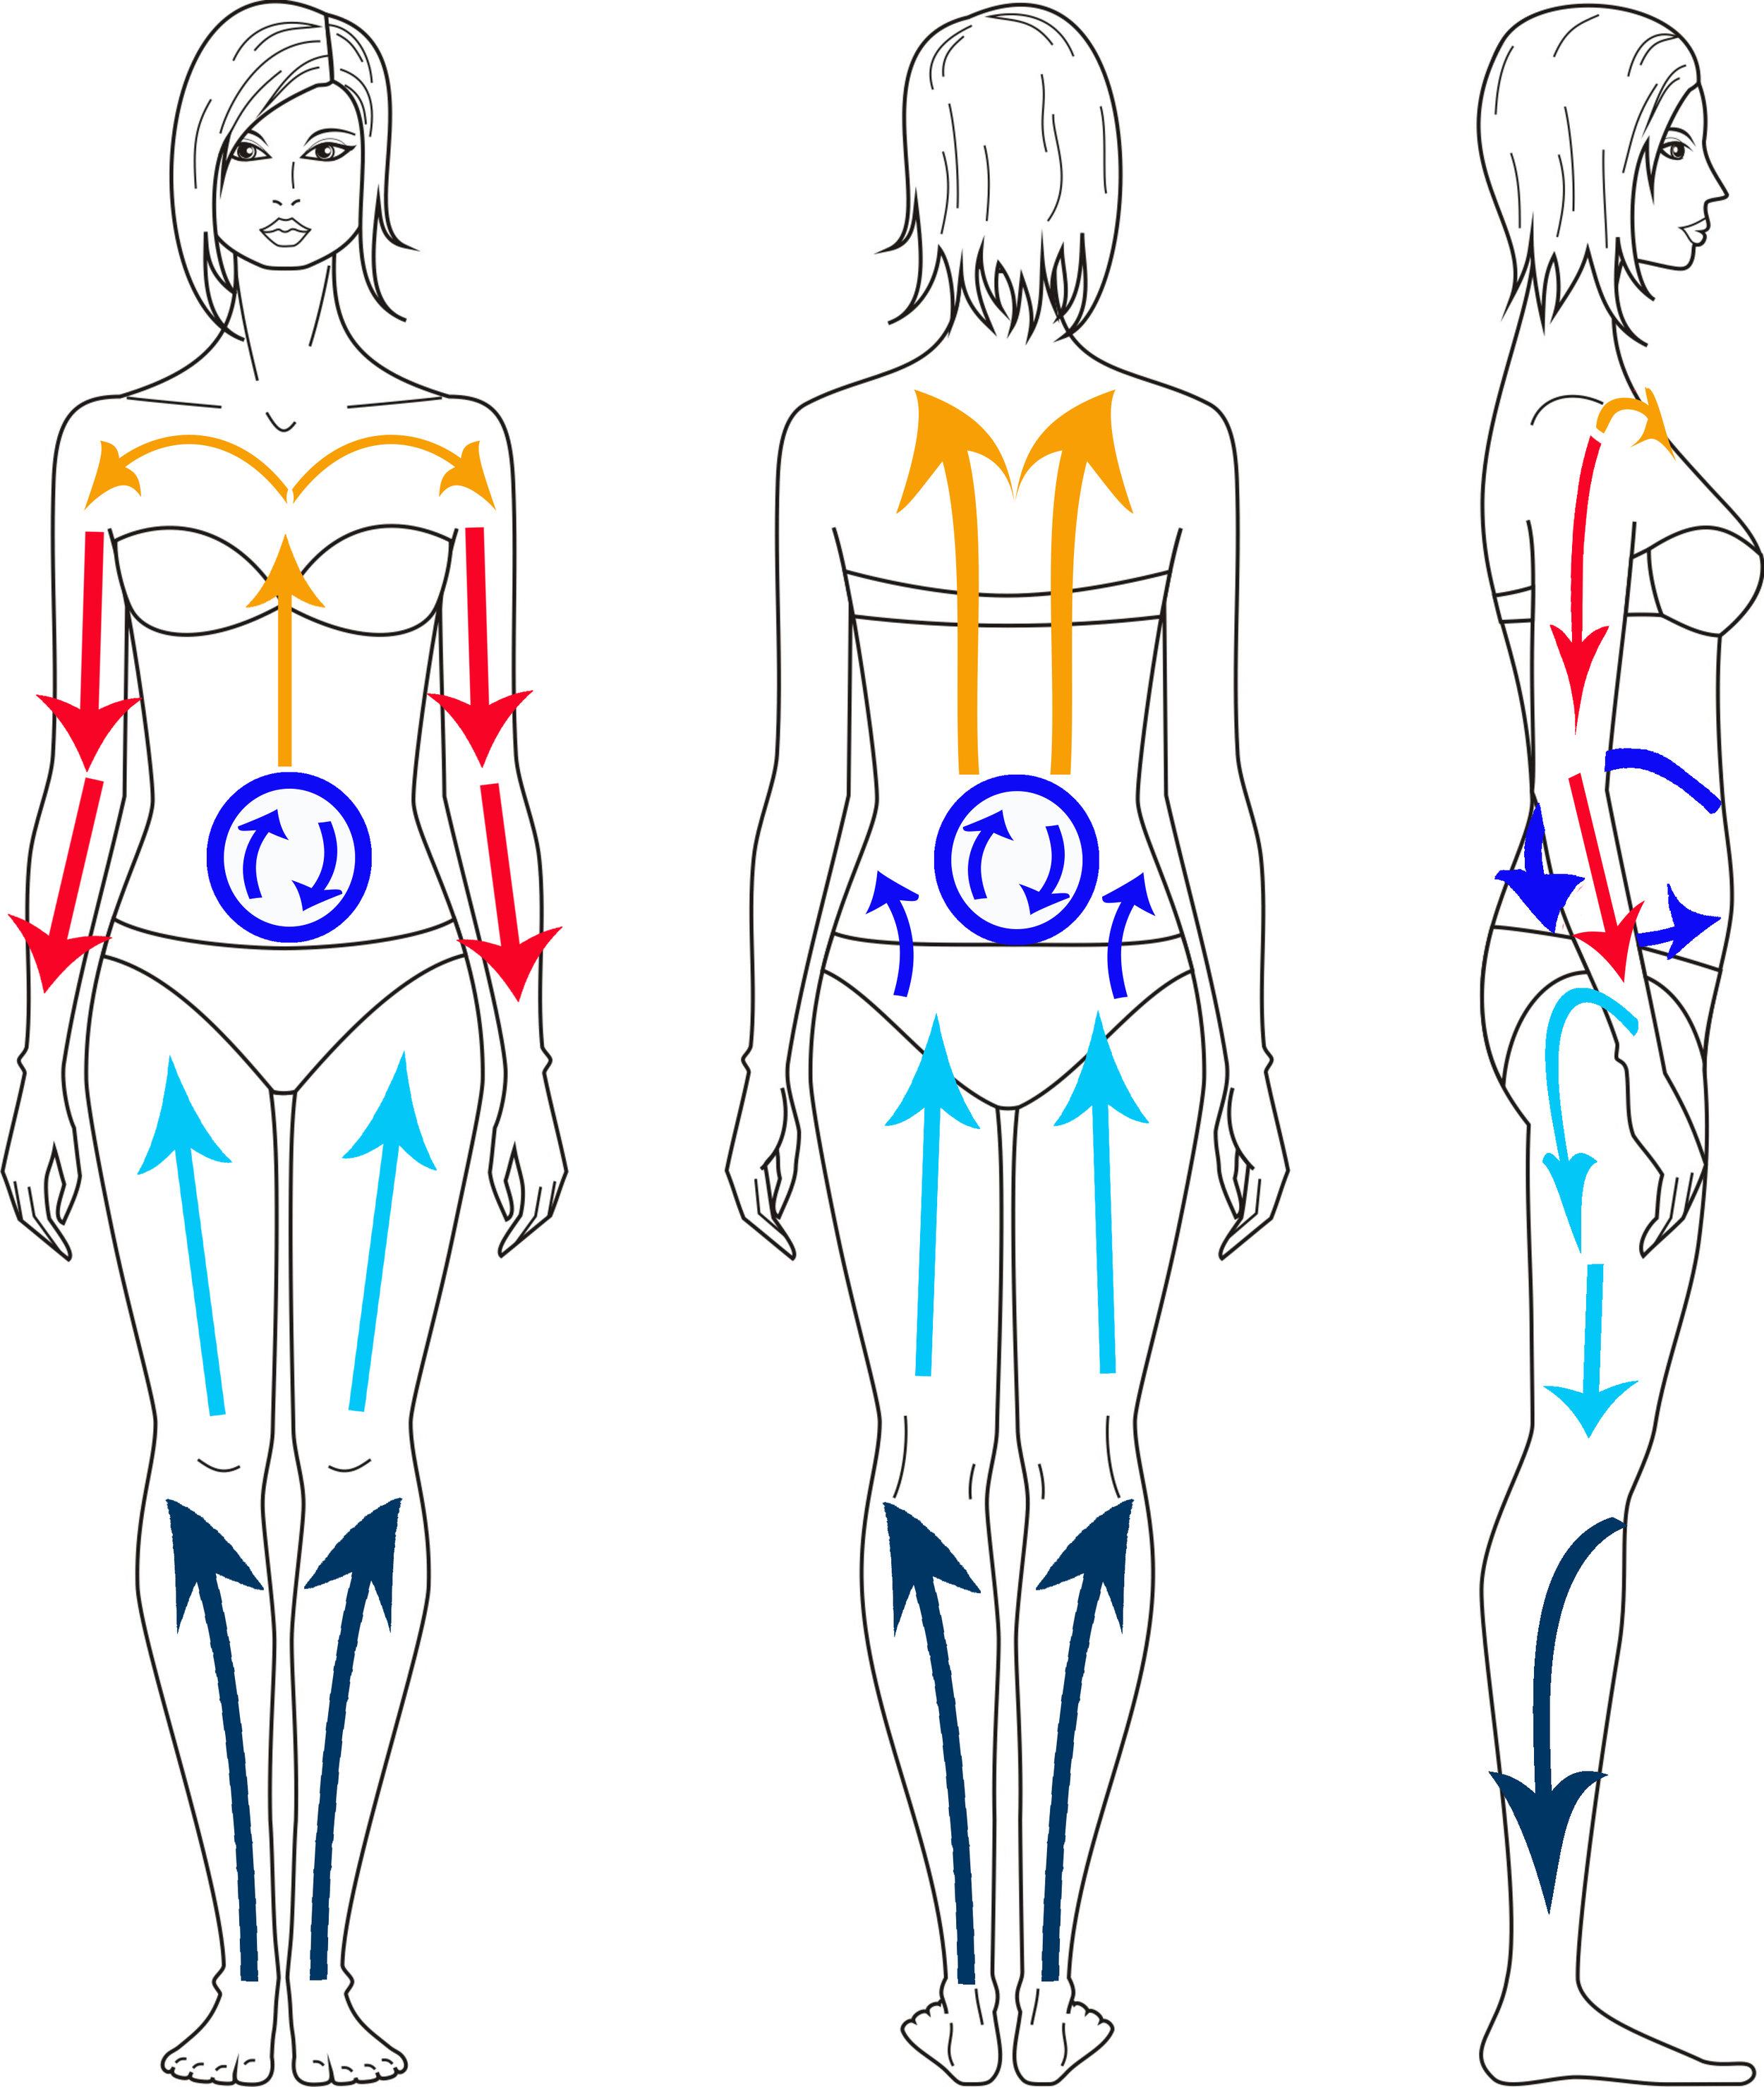 female-form-illustration.jpg